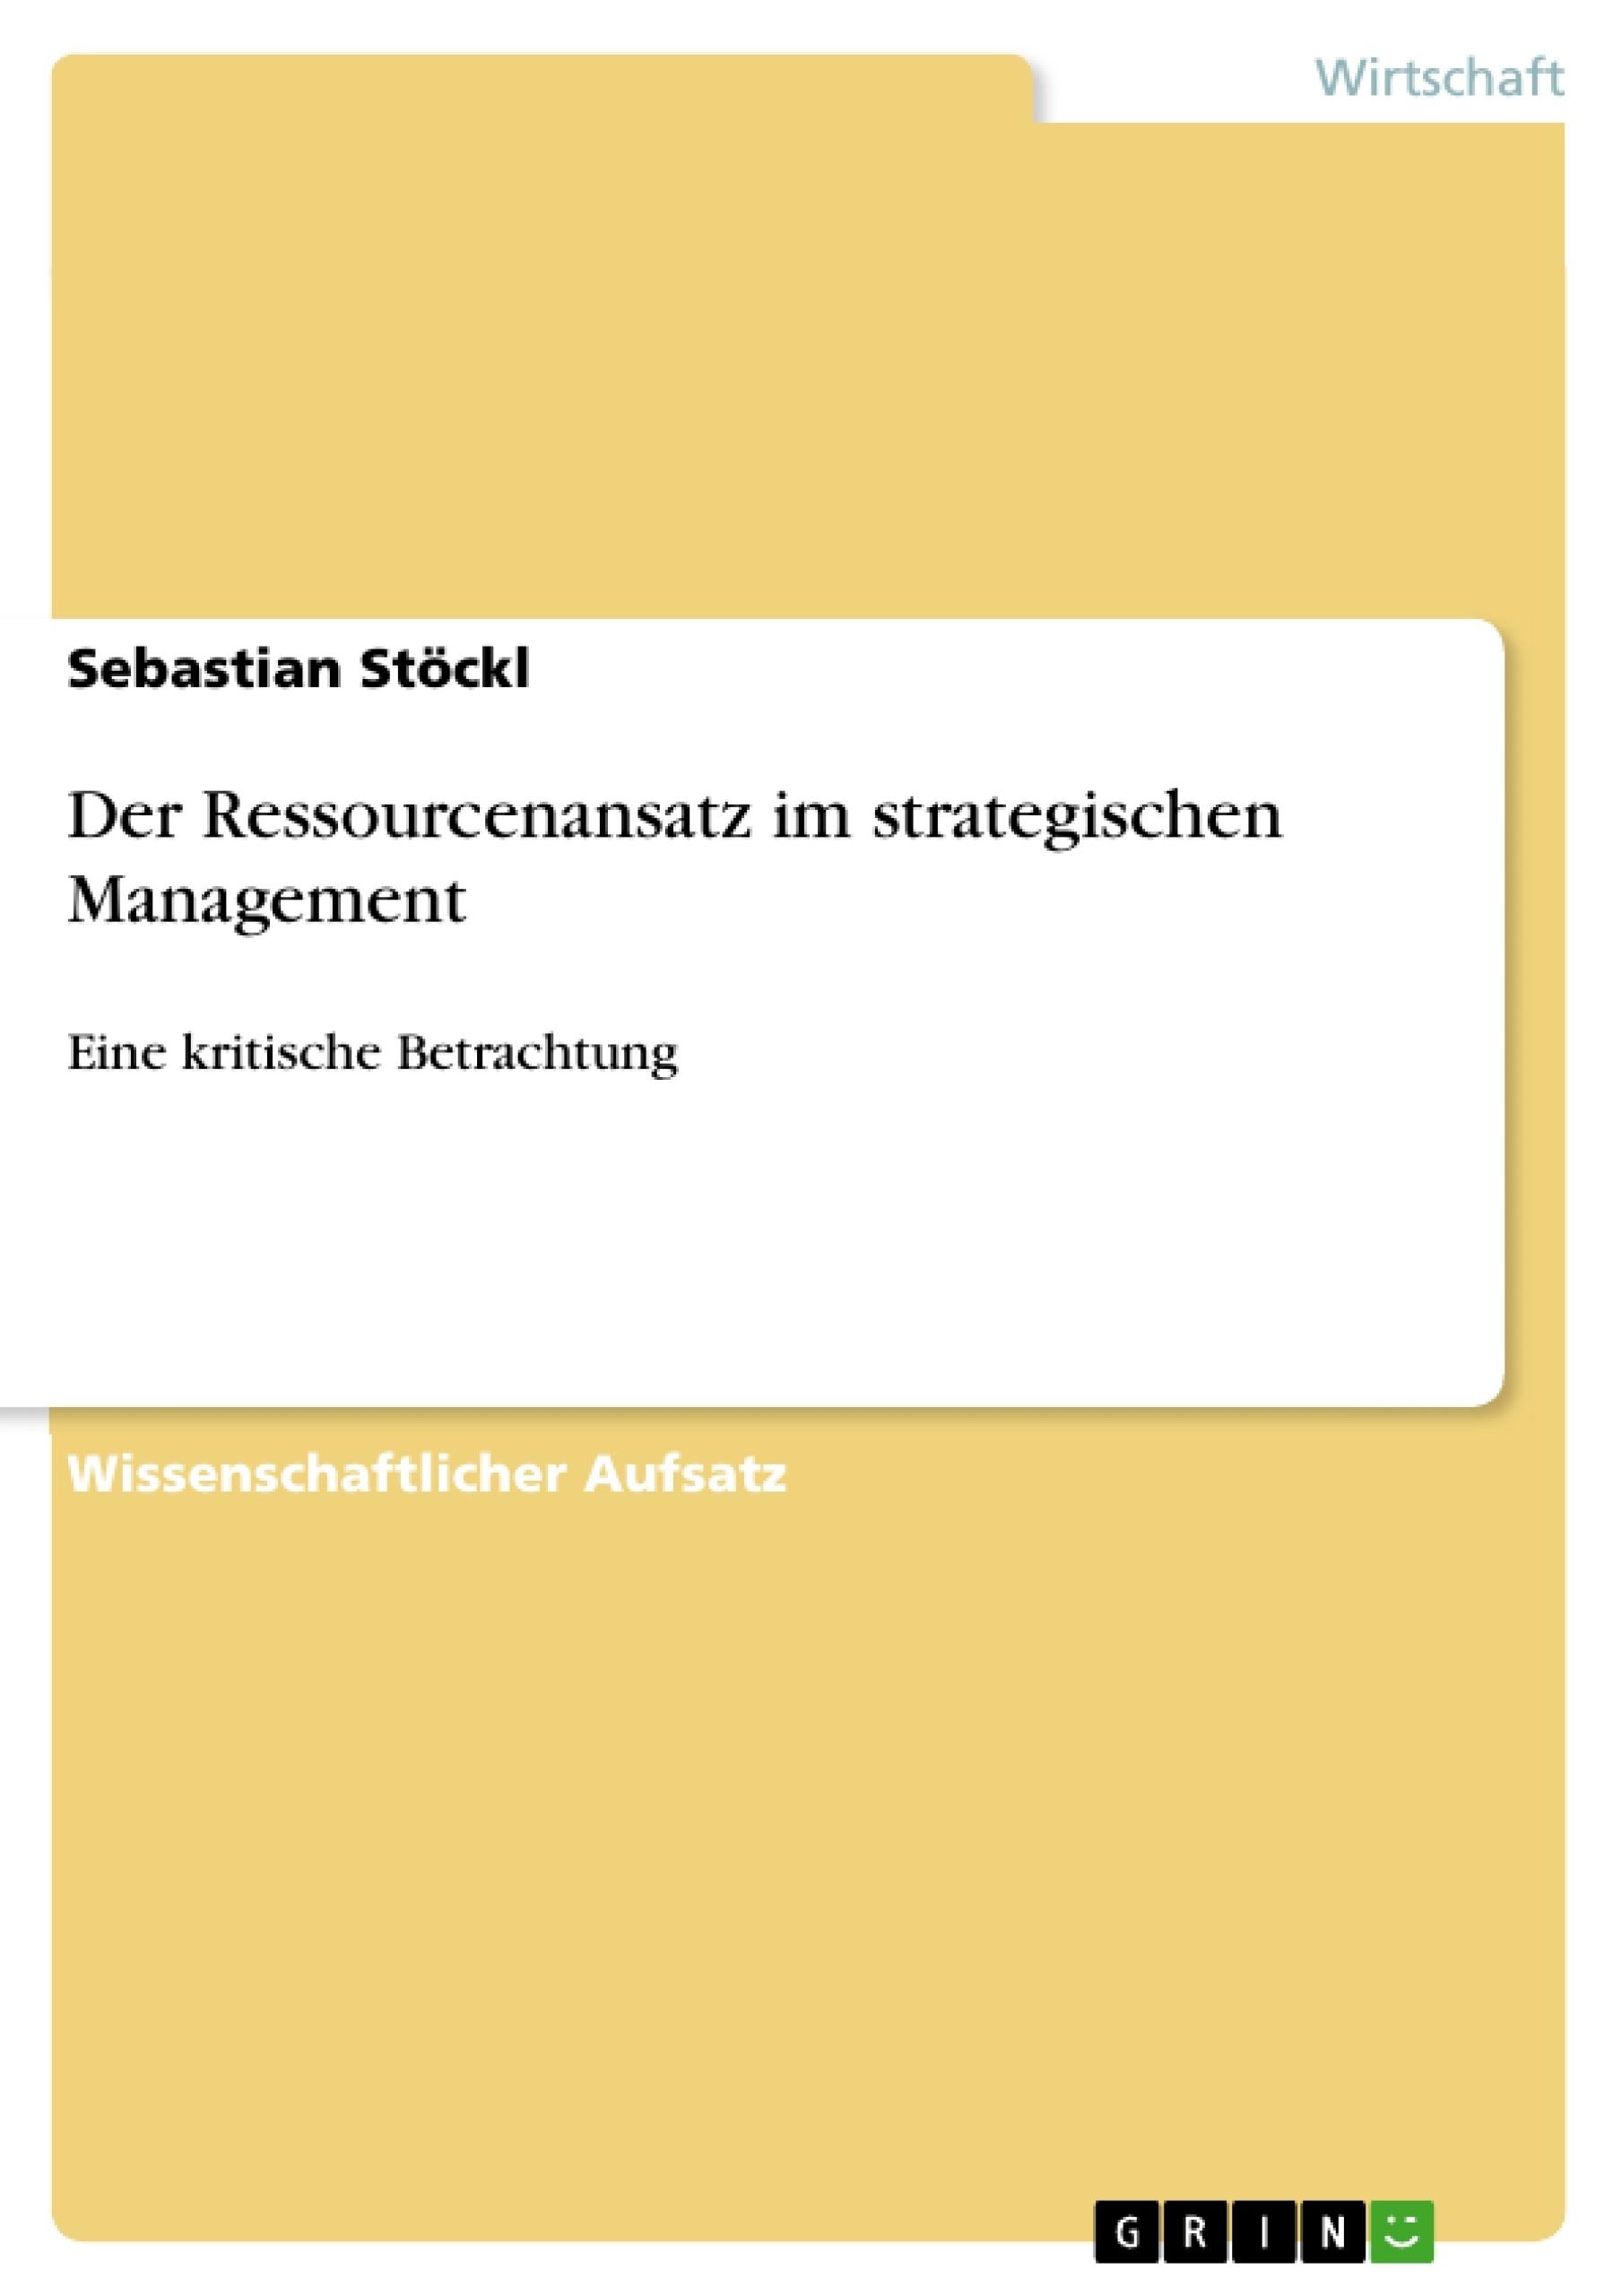 Titel: Der Ressourcenansatz im strategischen Management